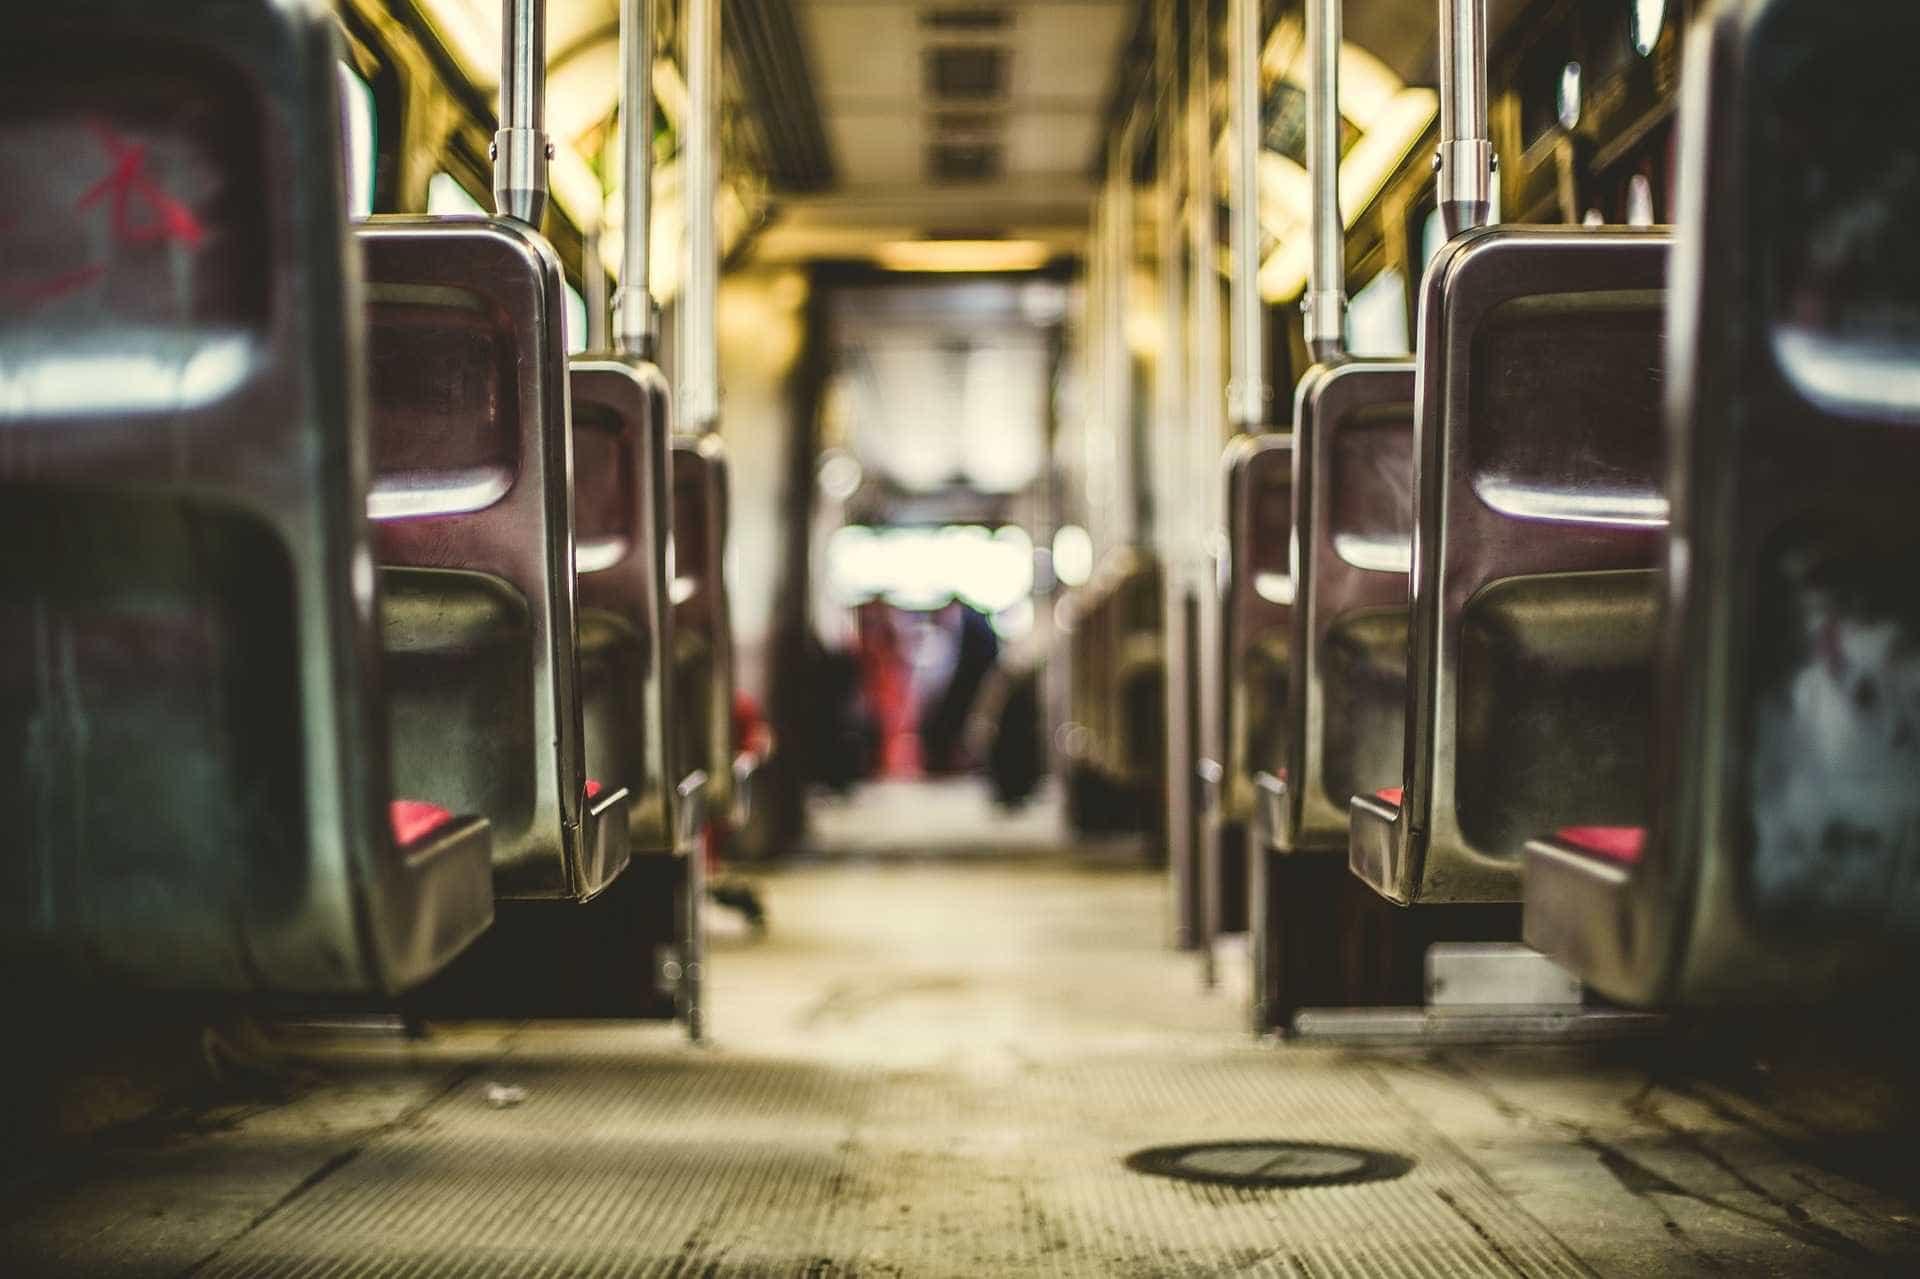 Homem anuncia assalto em ônibus, é surpreendido pela mãe e apanha